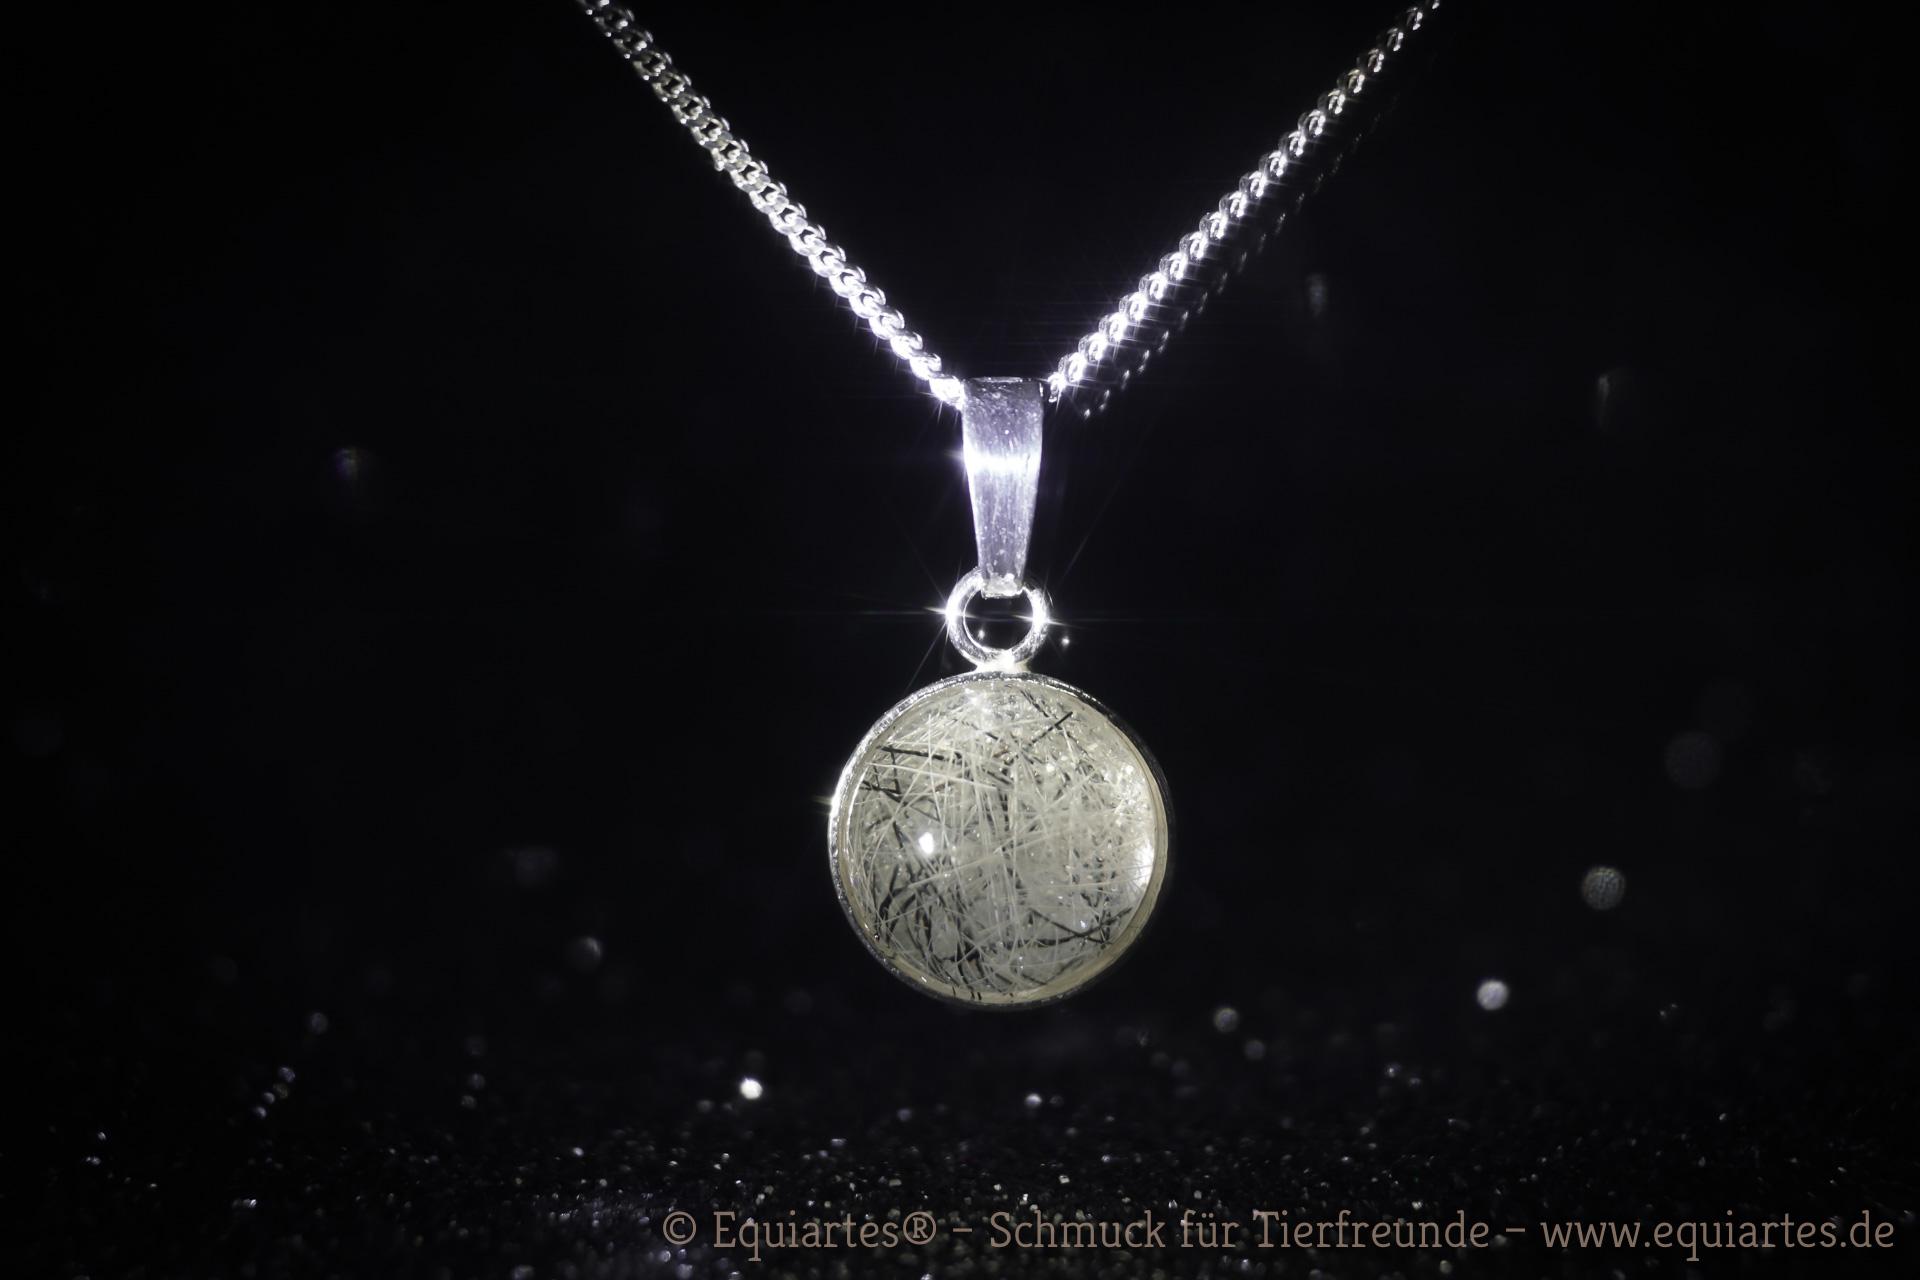 Tierhaarschmuck Cabochon-Medaillon klein mit einer Haarsträhne Ihres Tieres, gefasst in 925 Sterlingsilber